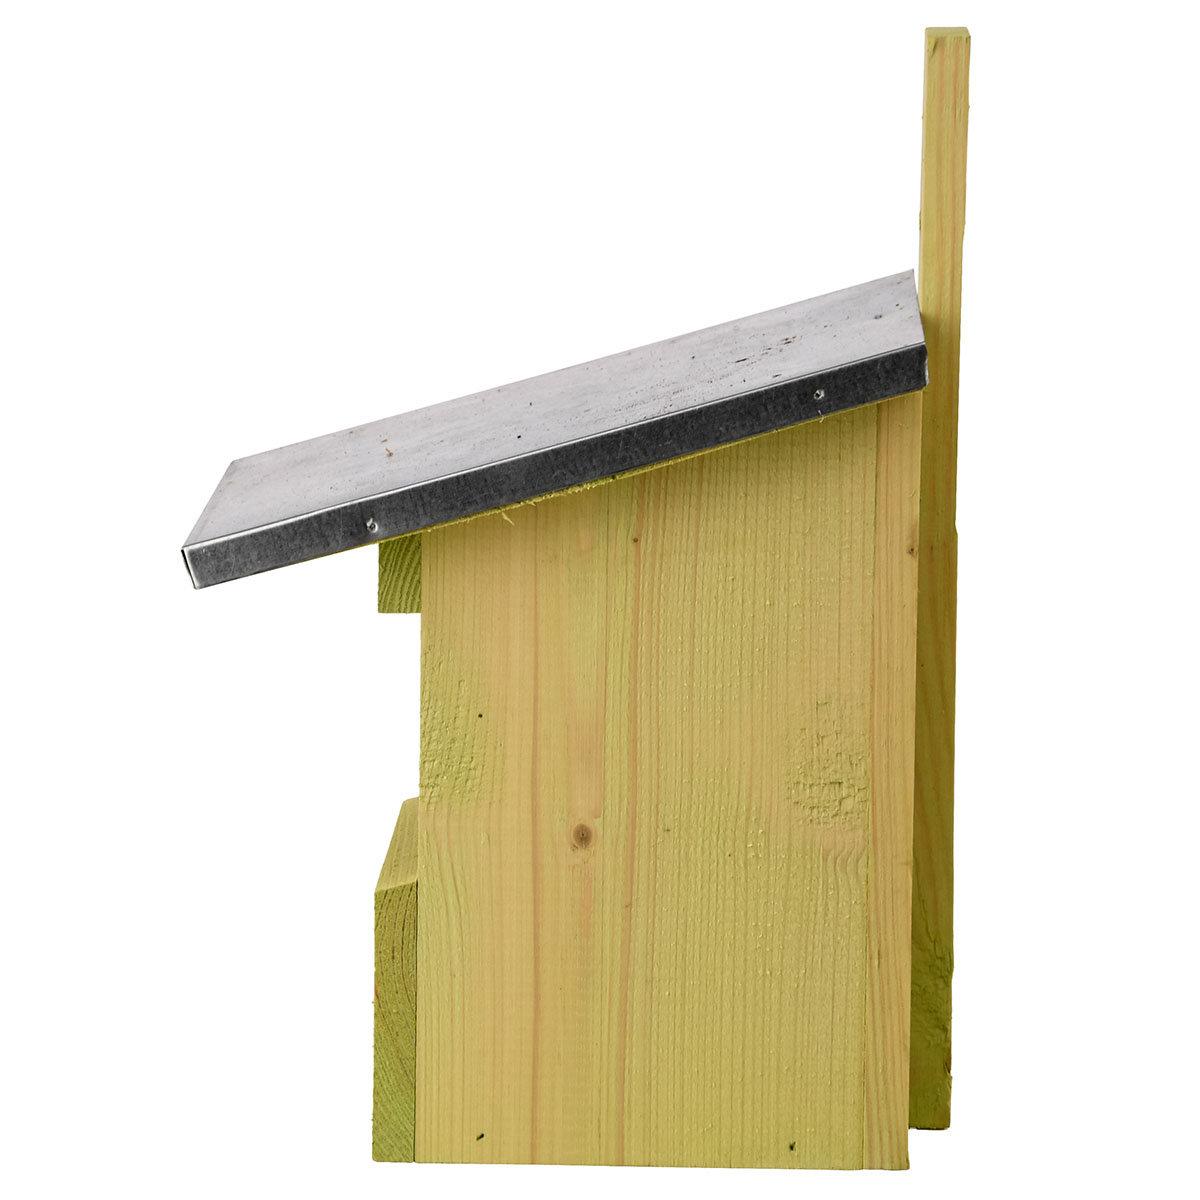 Nistkasten Rotkehlchen mit Zinkdach, ca. 21 x 19 x 33 cm | #4